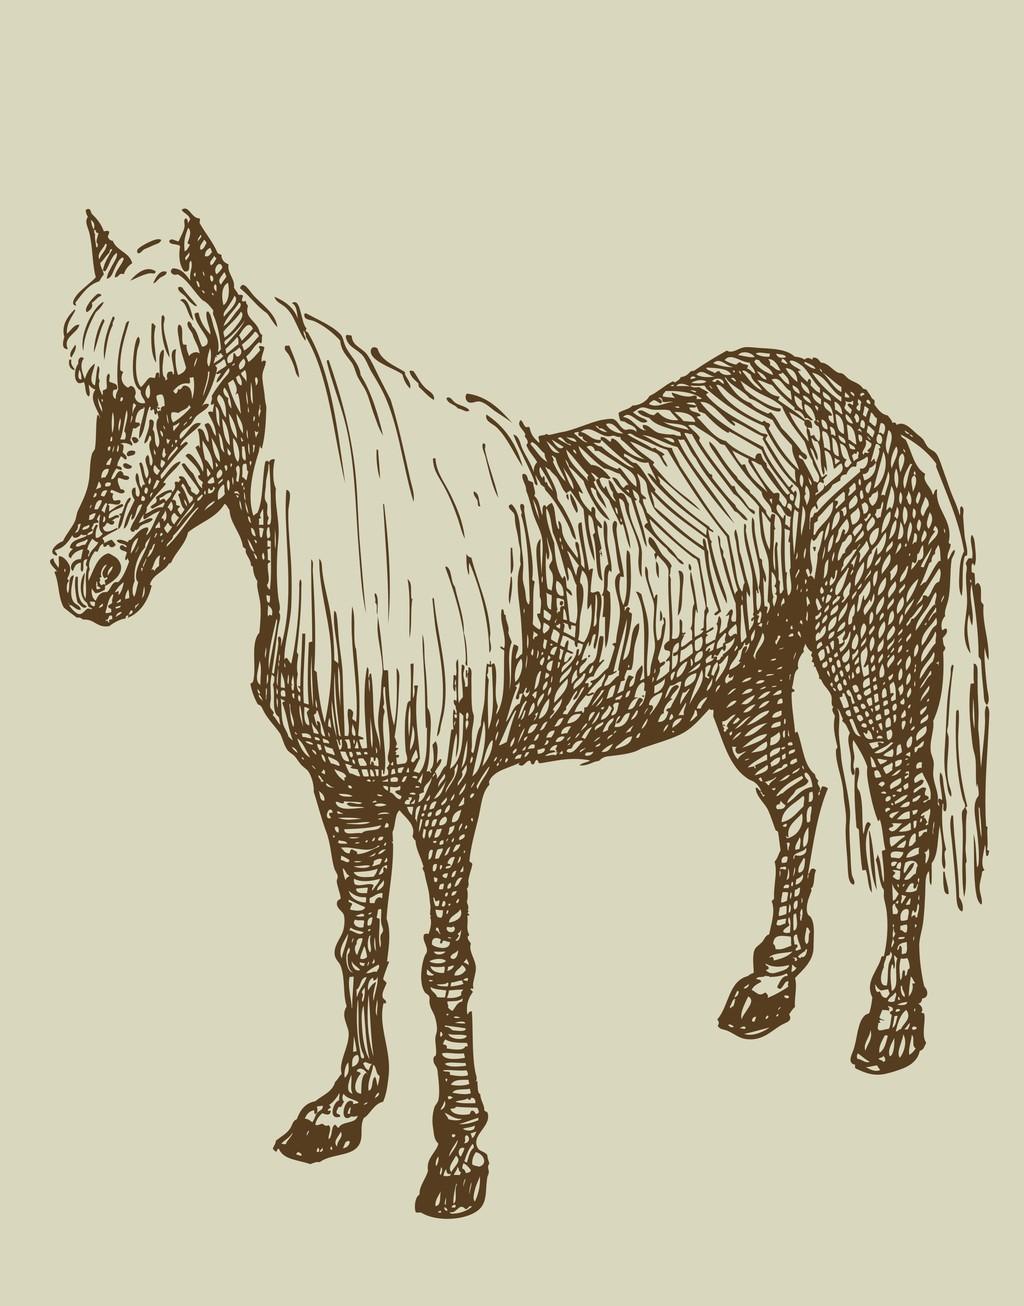 新浪微博qq空间微信                   手绘骏马插画动物模板下载